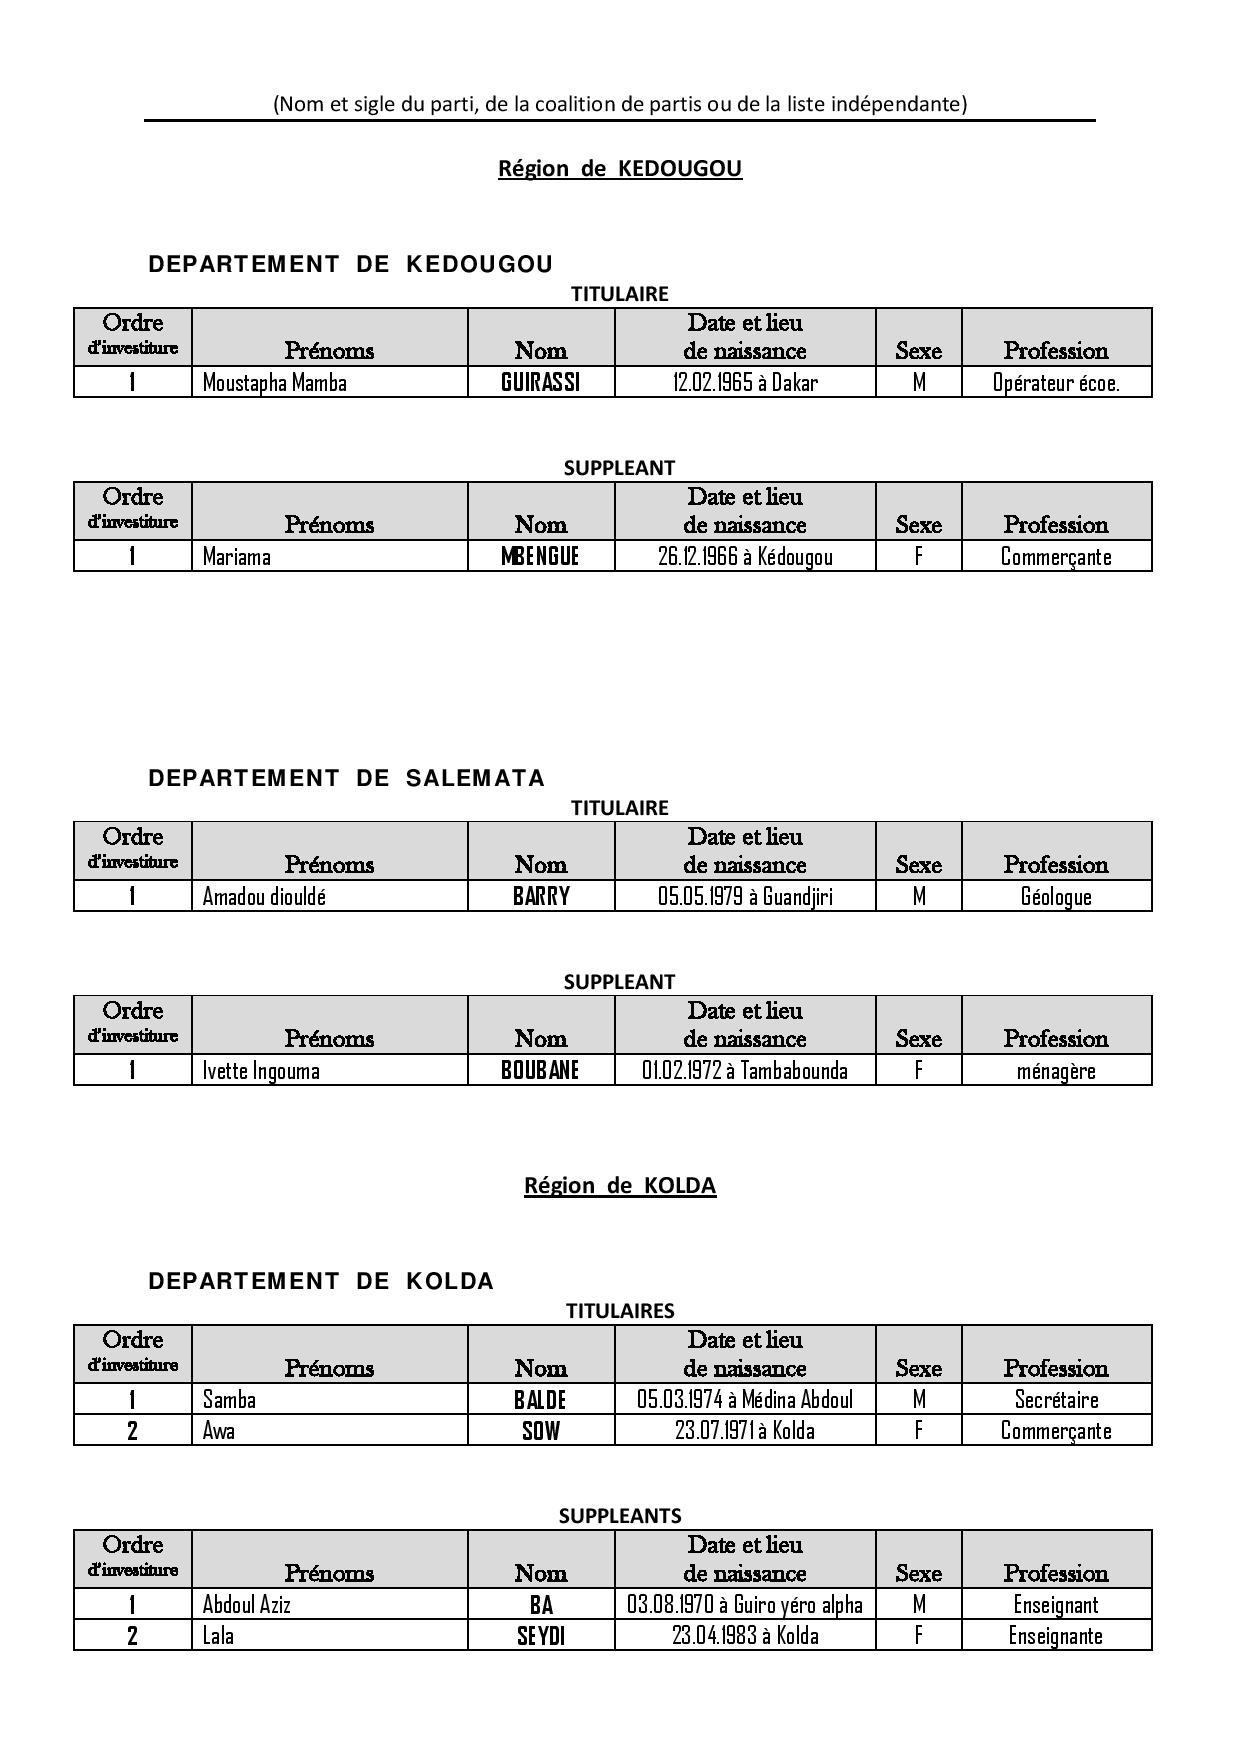 Législatives 2017- Voici la liste complète de la Convergence Patriotique KADDU ASKAN WI, dirigée par Baldé